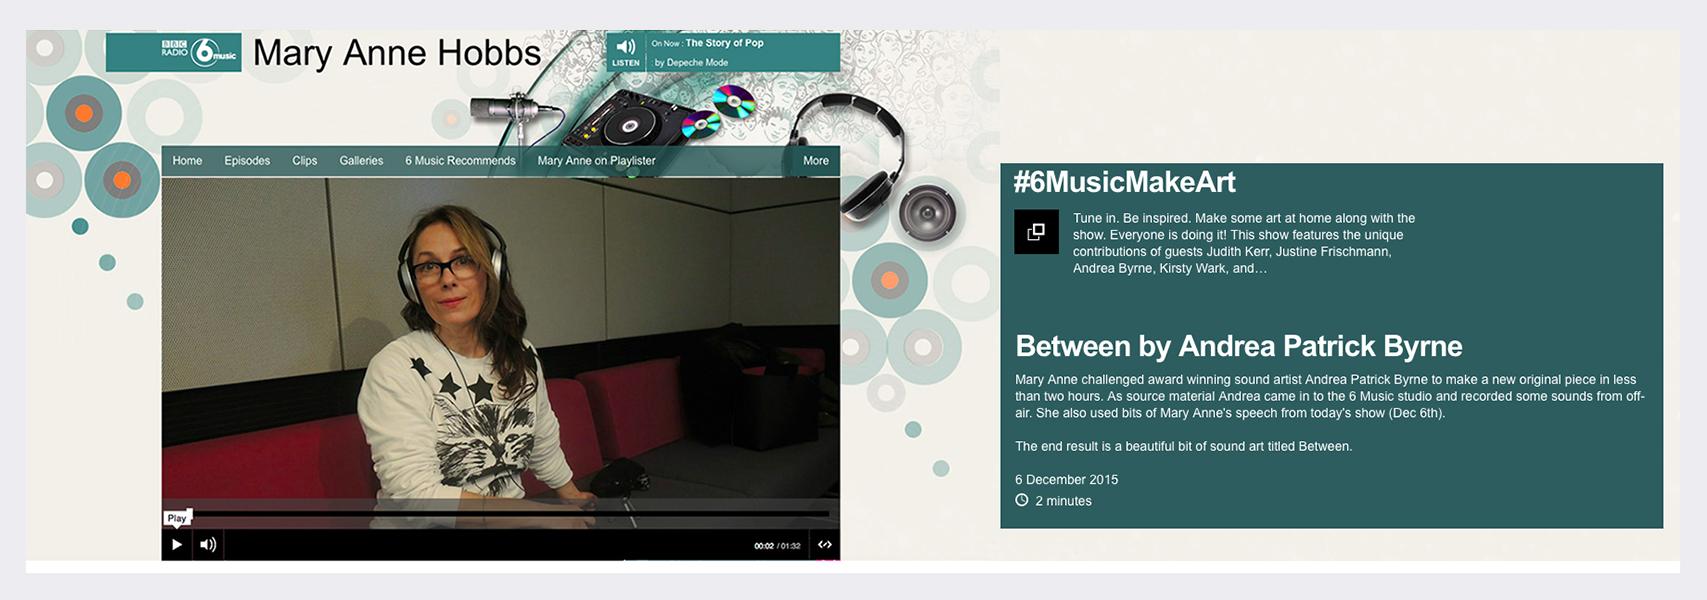 BBC 6 Music Mary Anne Hobbs (Art Is Everywhere weekend) - Broadcast 6th December 2015 (see link in panel below radio files).